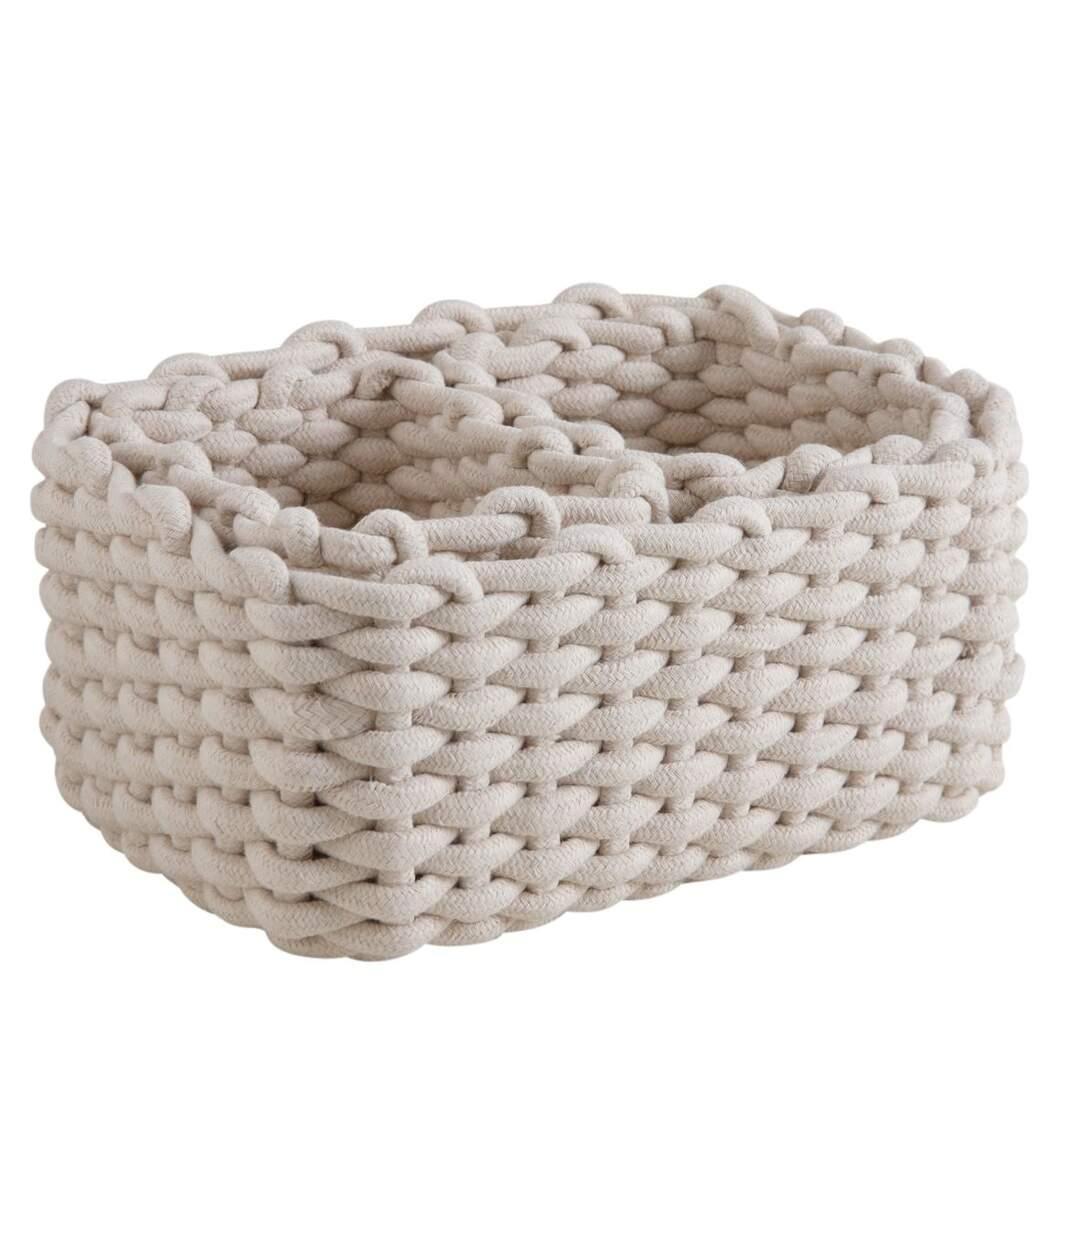 Corbeille rectangulaire en corde coton (Lot de 3)